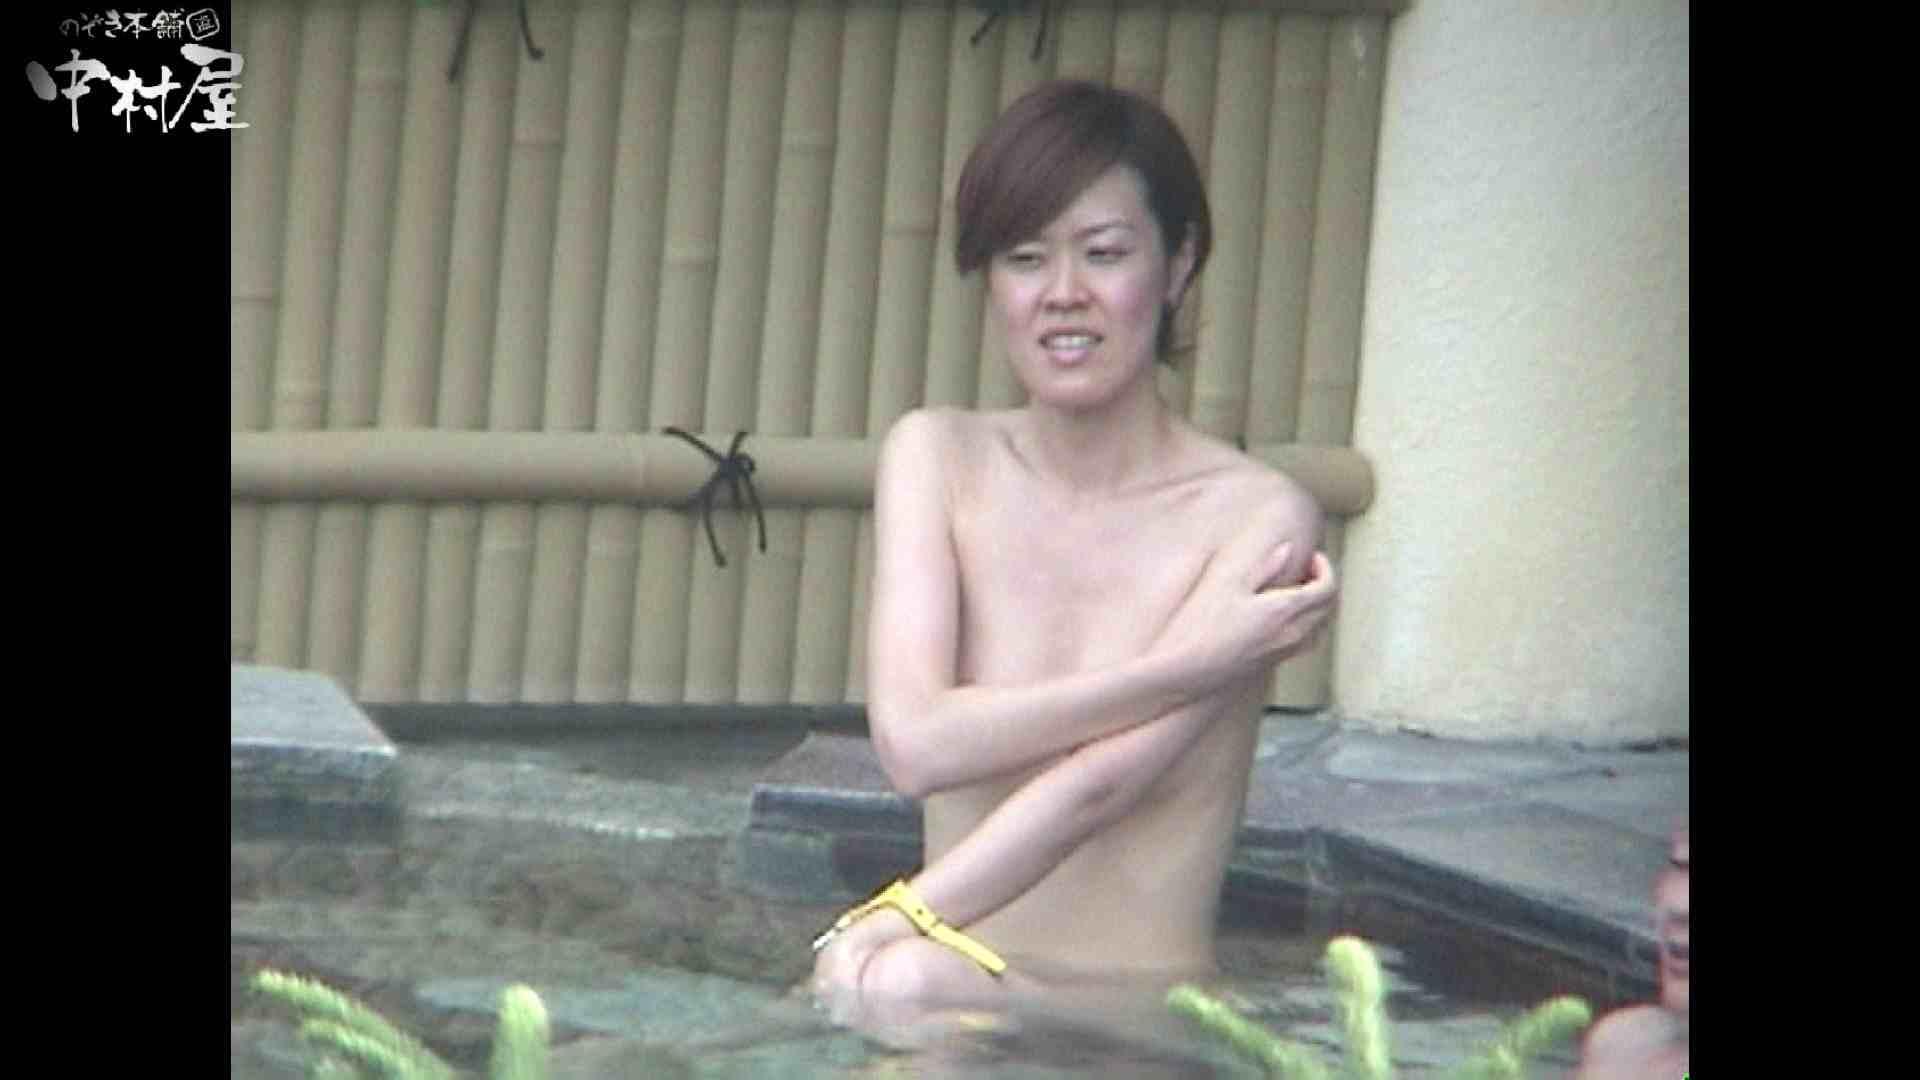 Aquaな露天風呂Vol.961 露天 AV動画キャプチャ 86画像 71